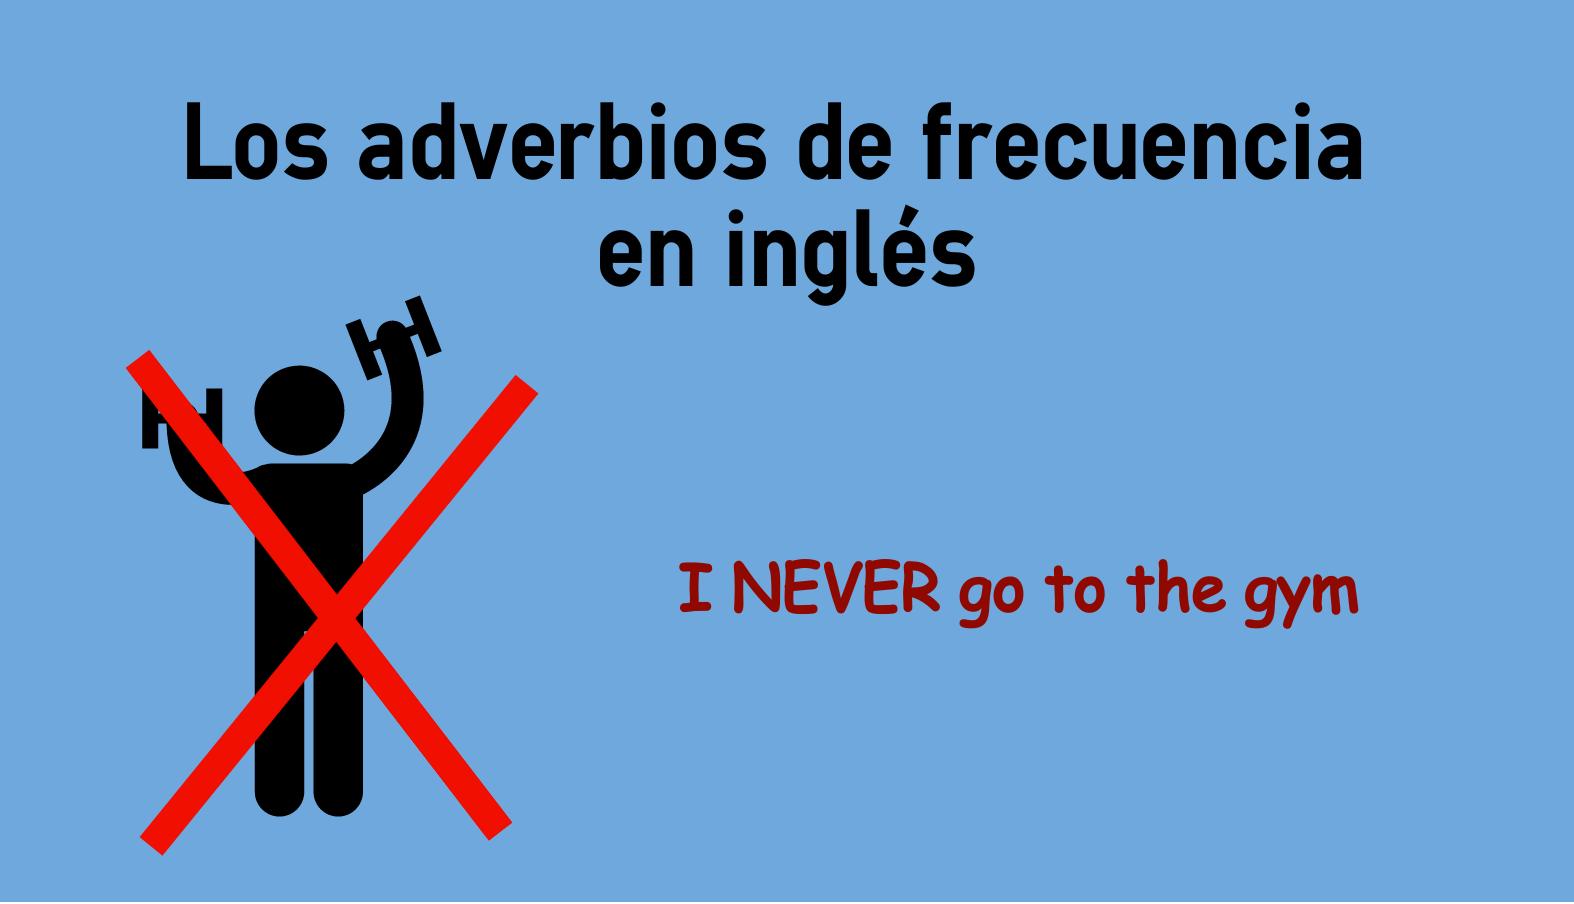 Los Adverbios De Frecuencia En Inglés Colanguage